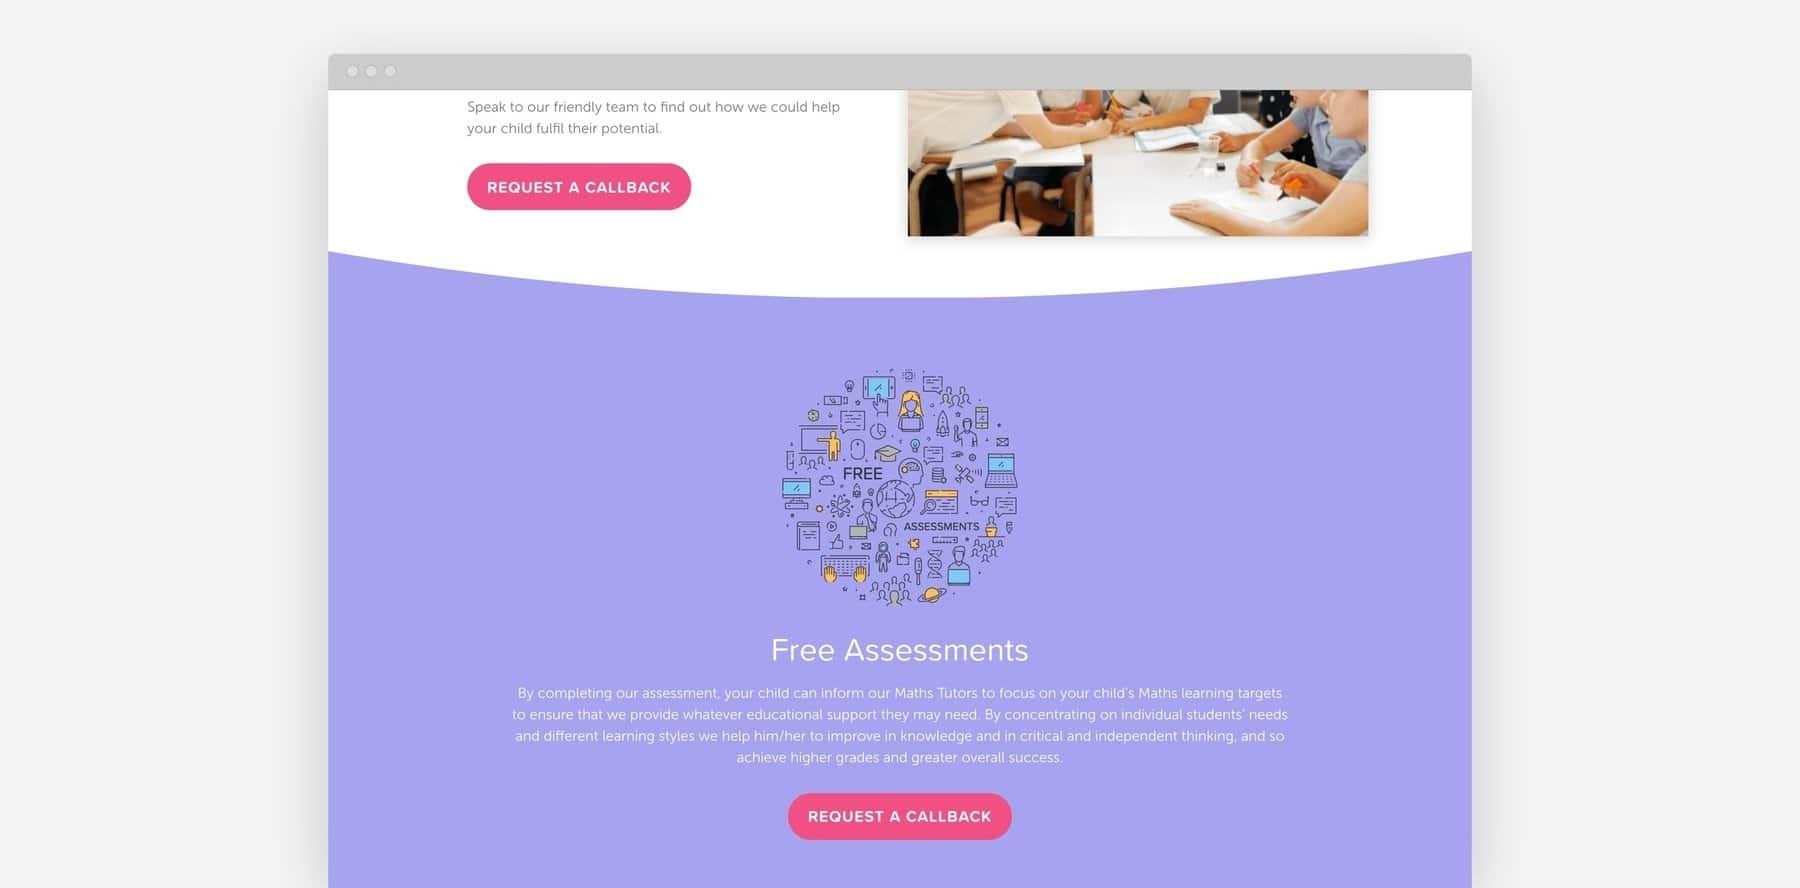 VAKS - Assessments